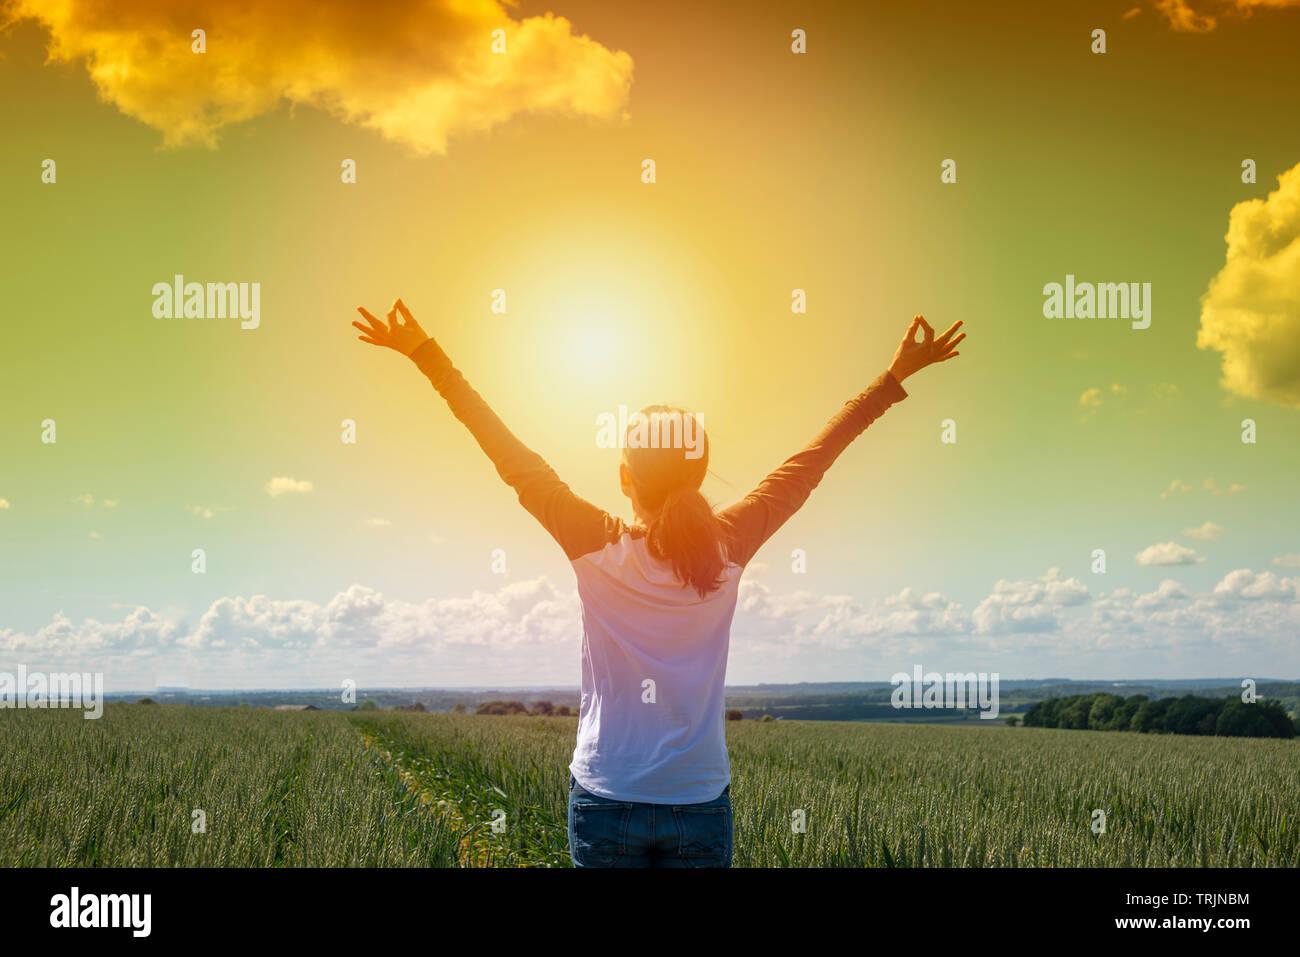 Vista posterior de una mujer al amanecer con sus brazos levantados en alegría y libertad de pie en un campo de trigo Foto de stock